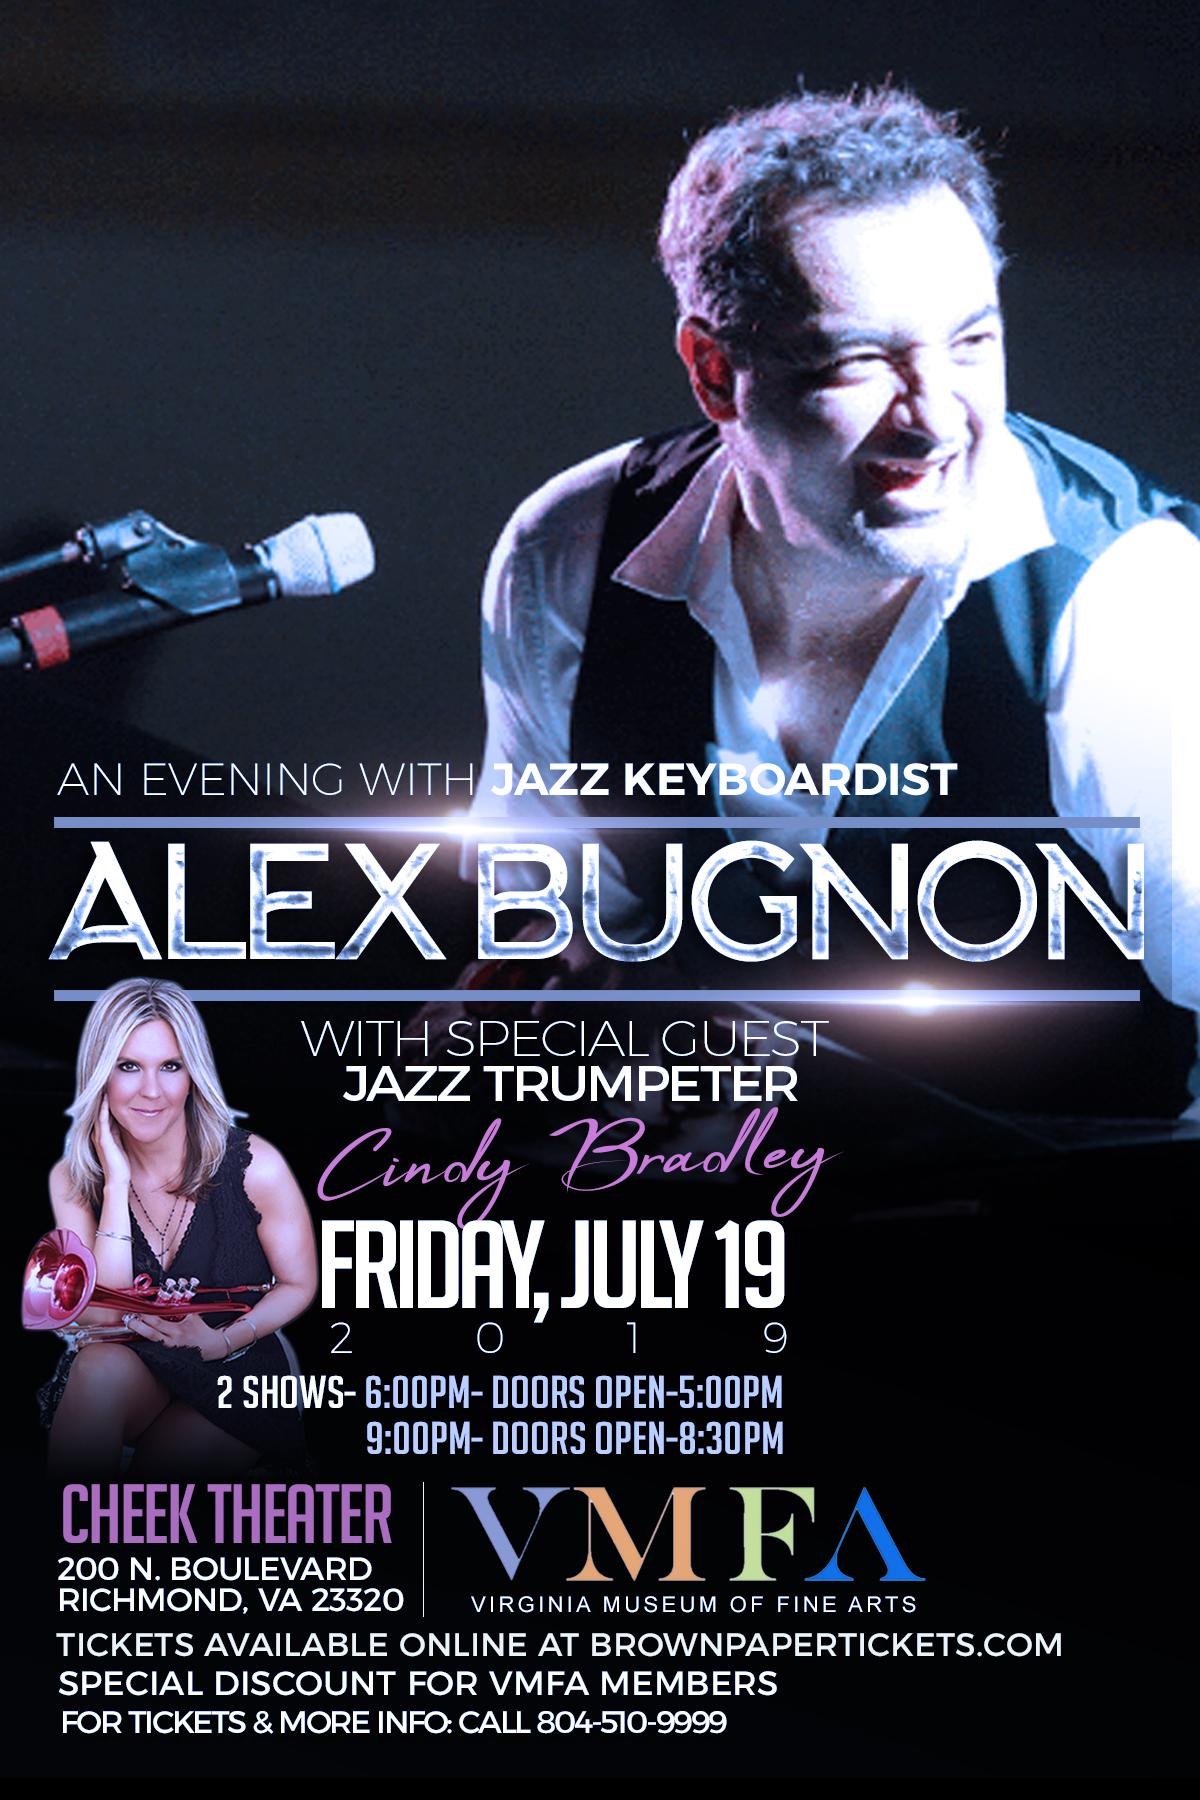 Alex Bugnon